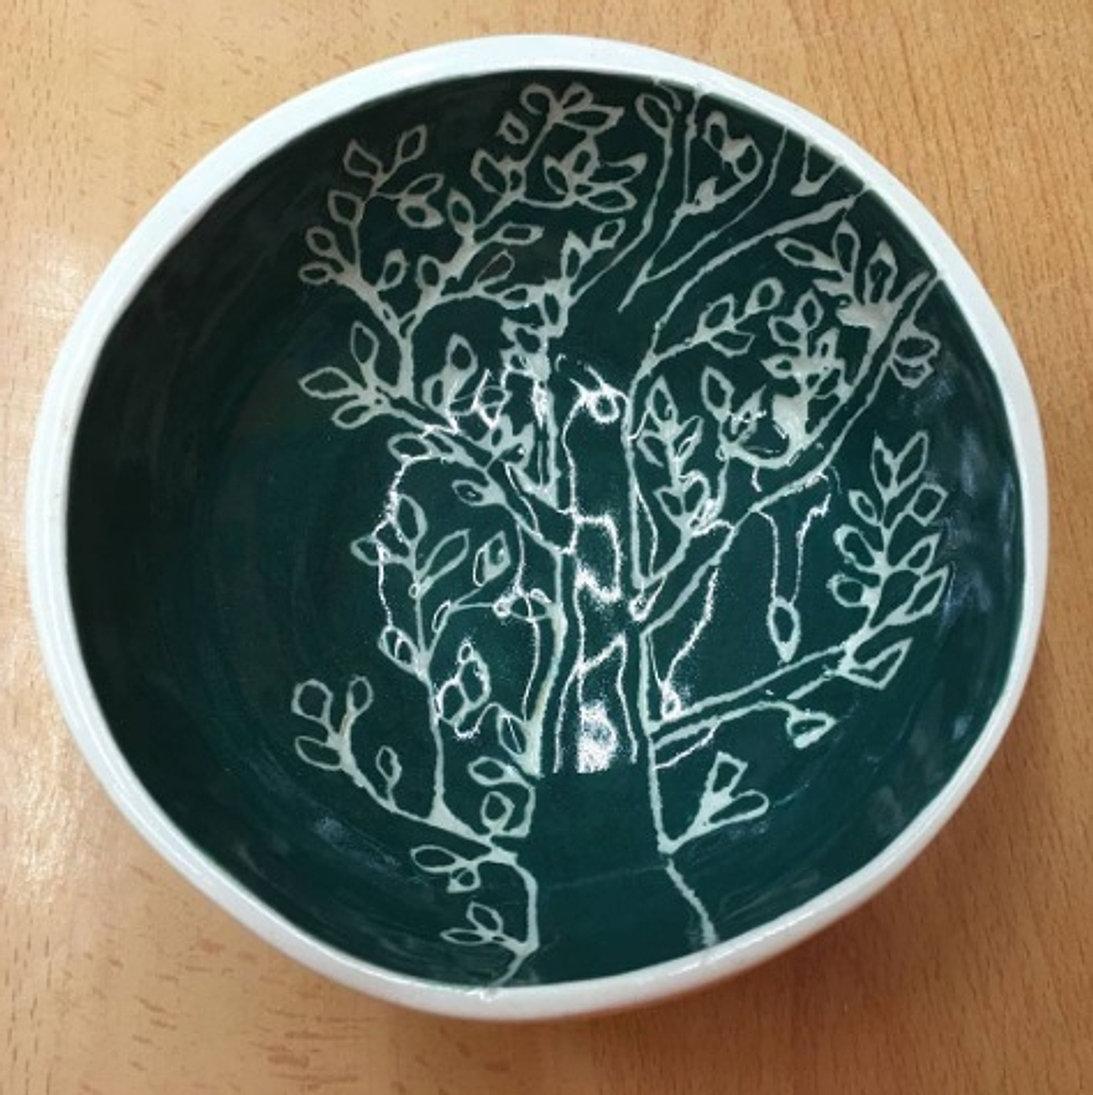 Clases y cursos taller de cer mica madrid for Curso de ceramica madrid